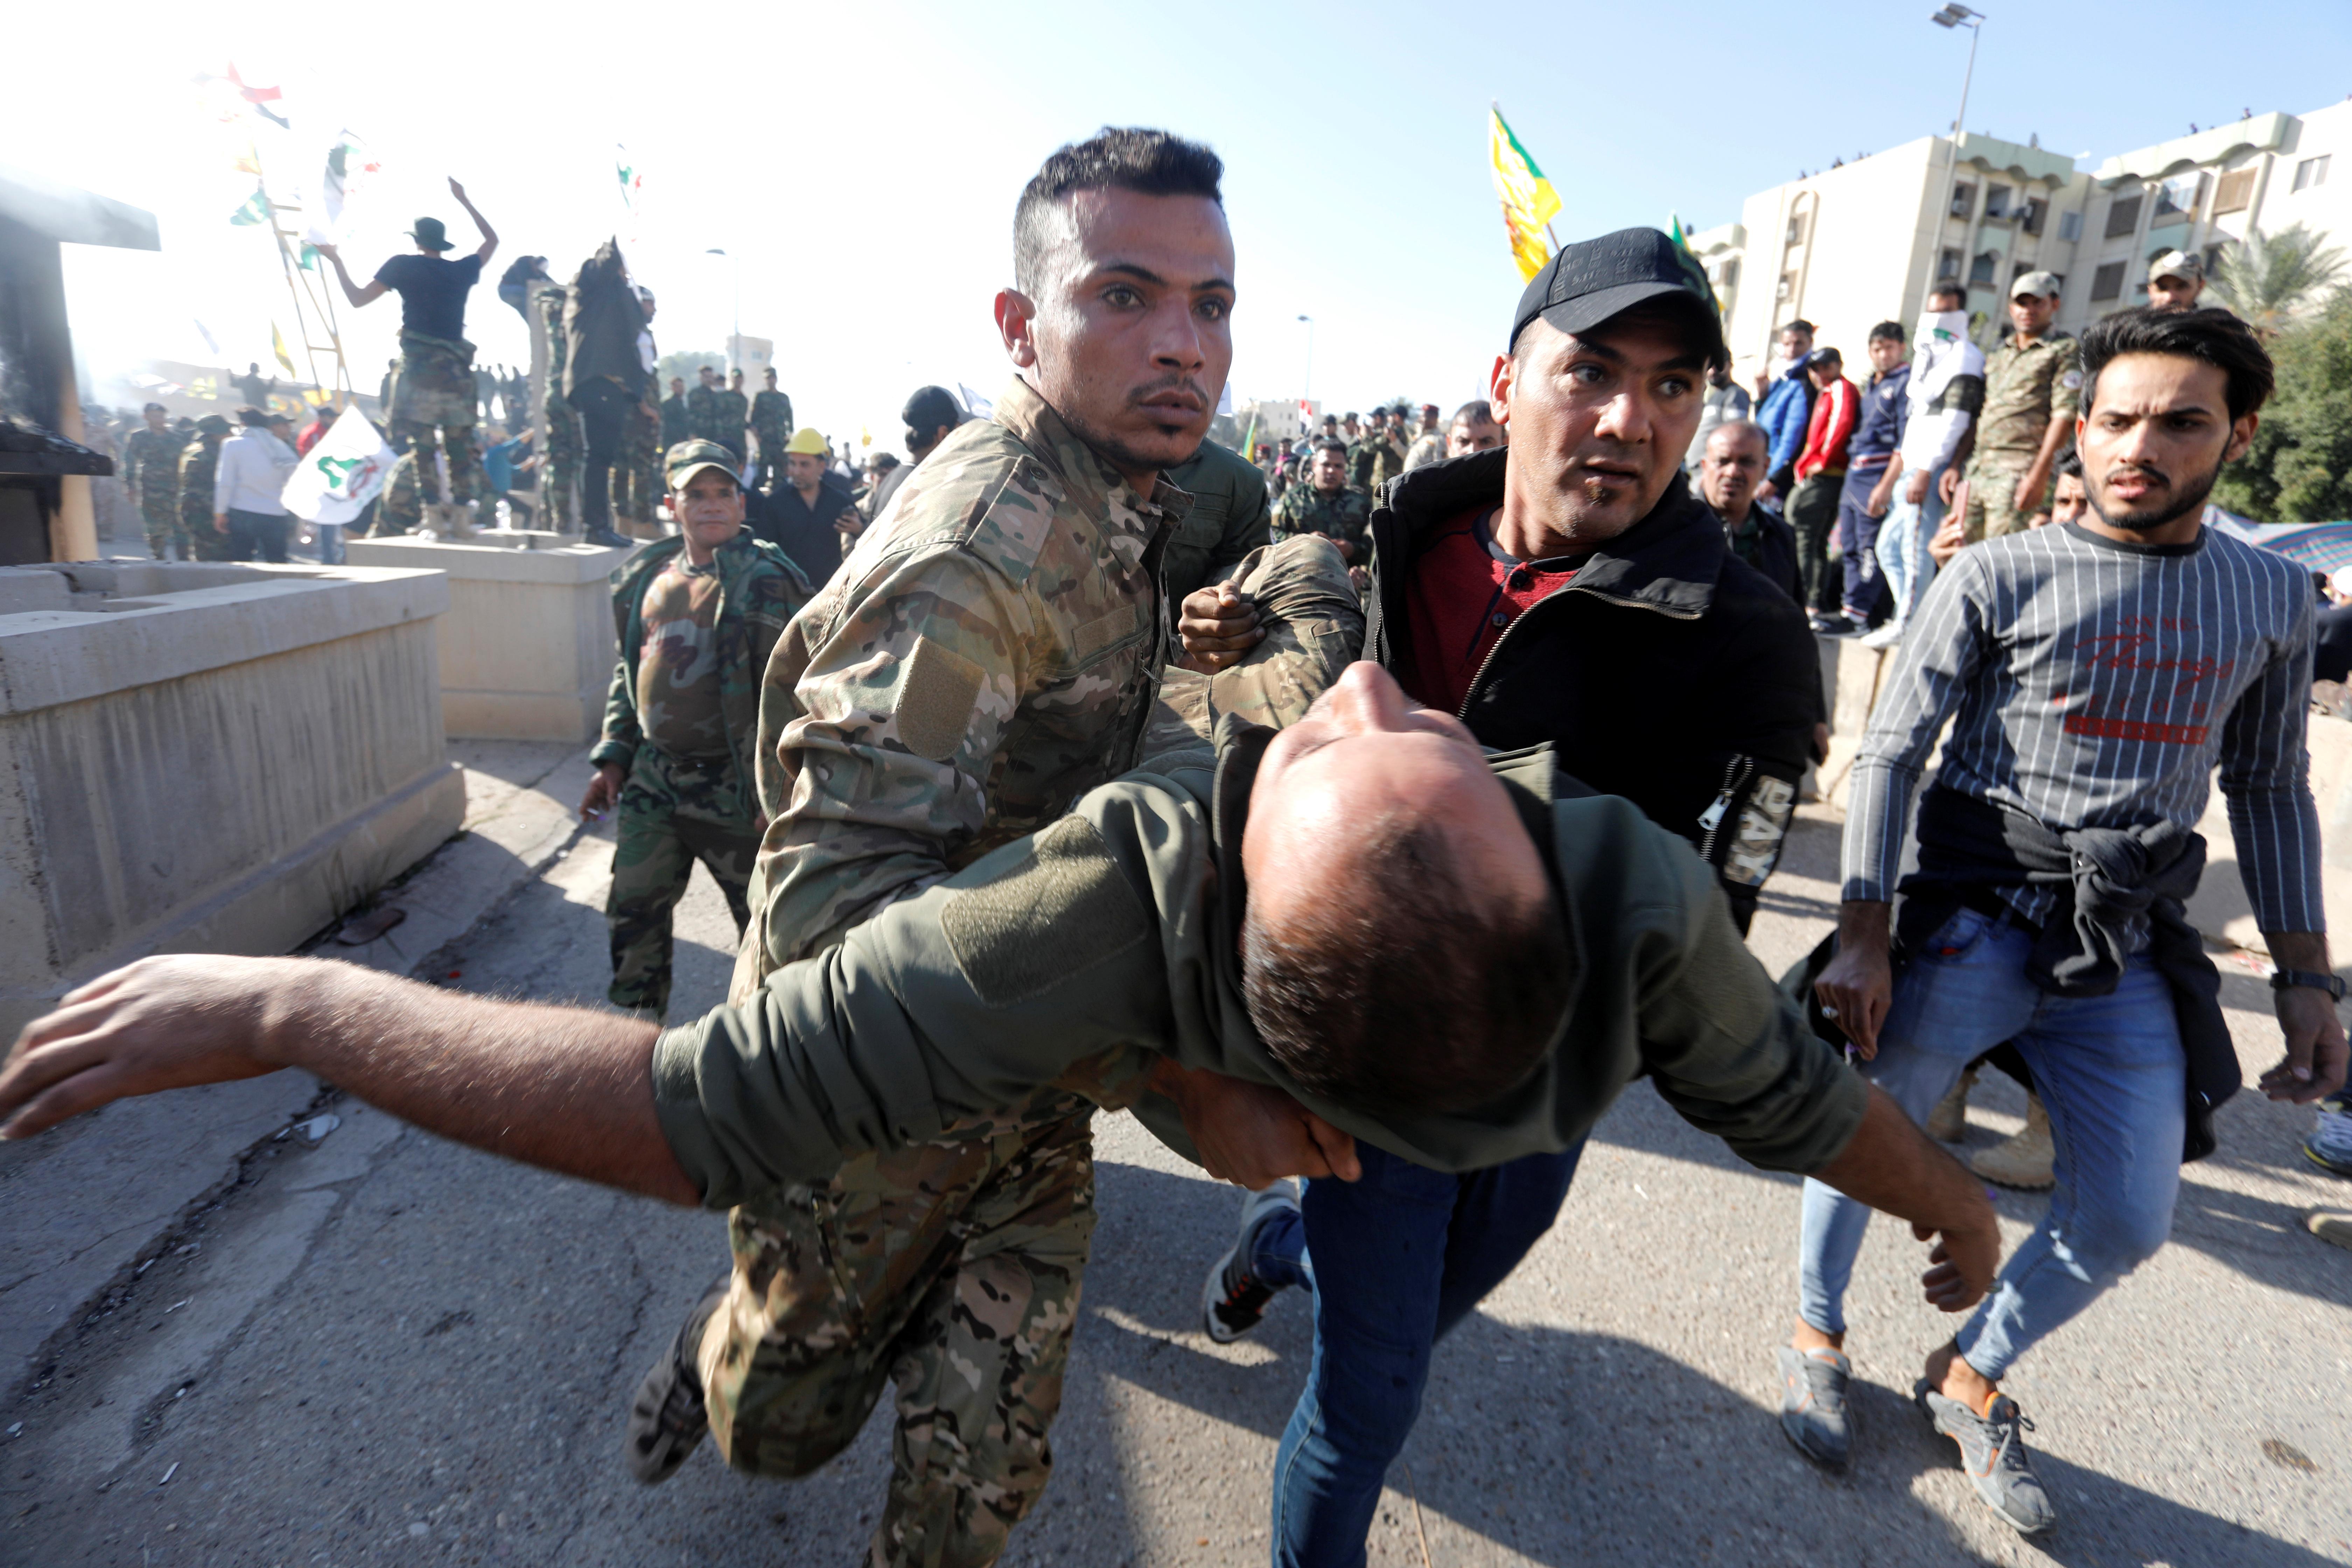 Un manifestante herido es trasladado por otros milicianos